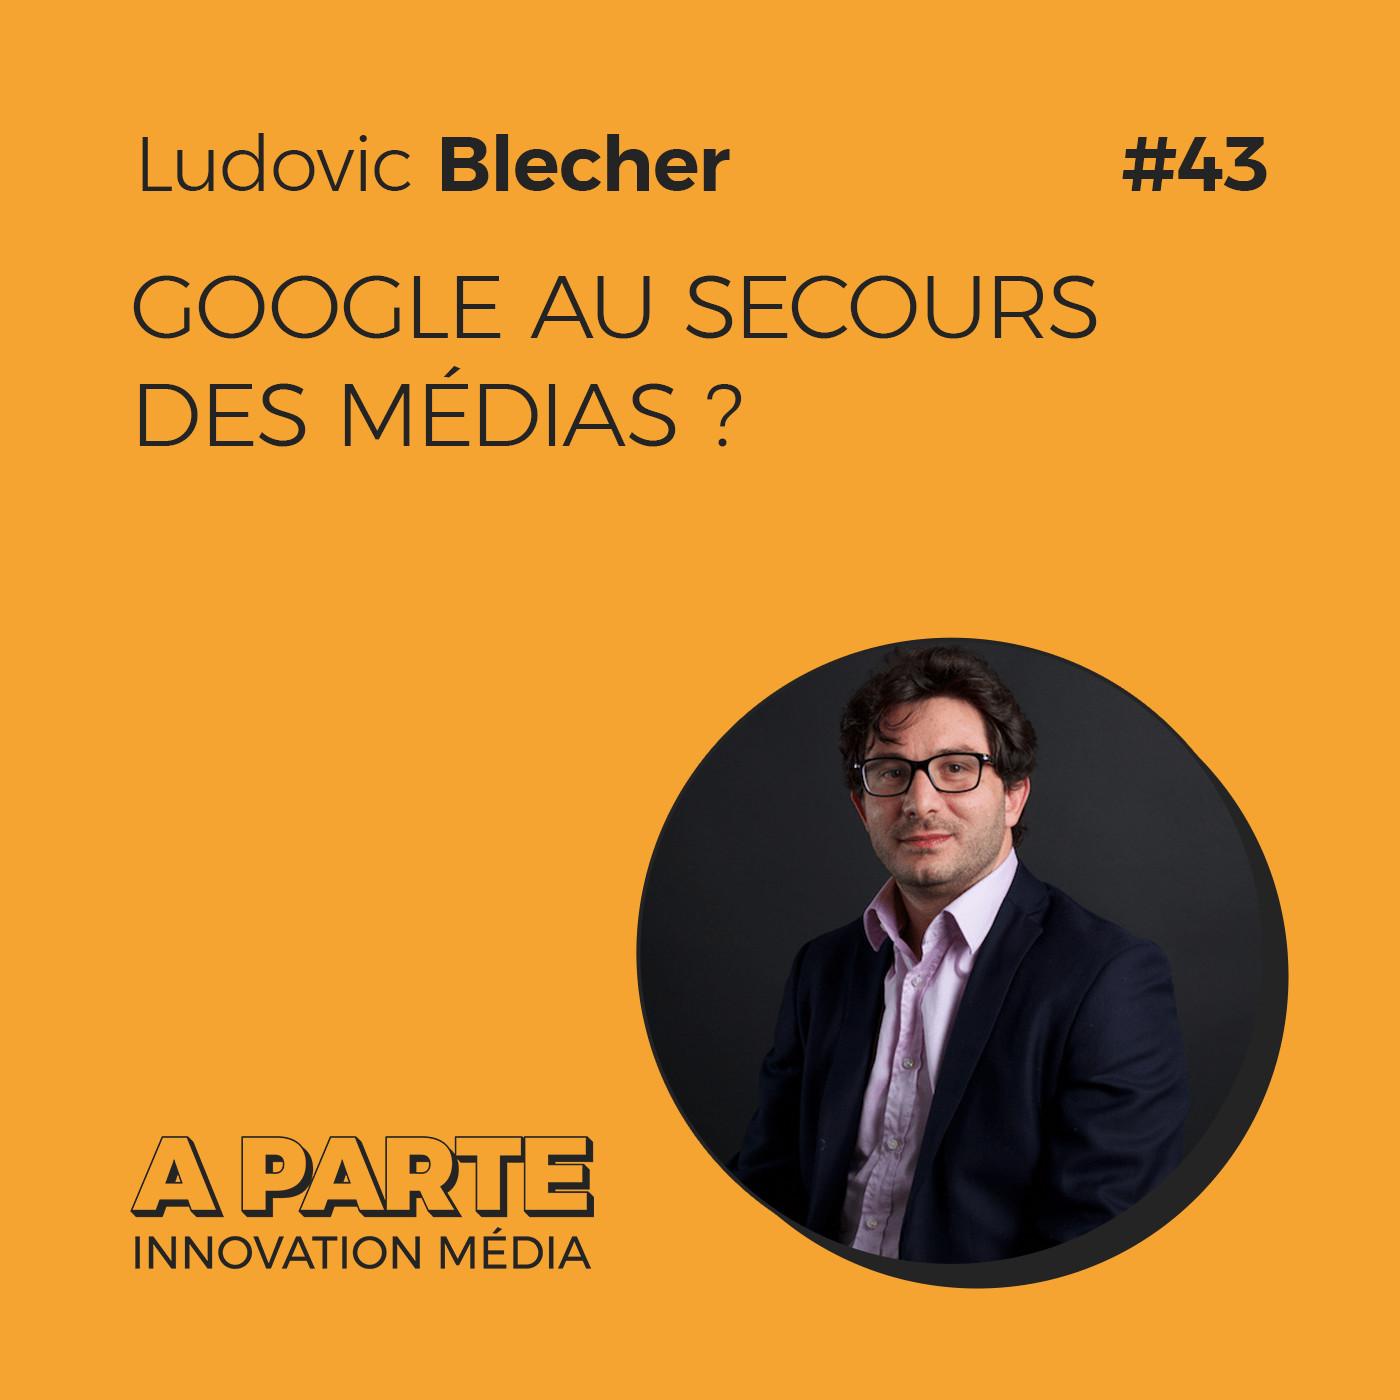 Google au secours des médias ?, avec Ludovic Blecher